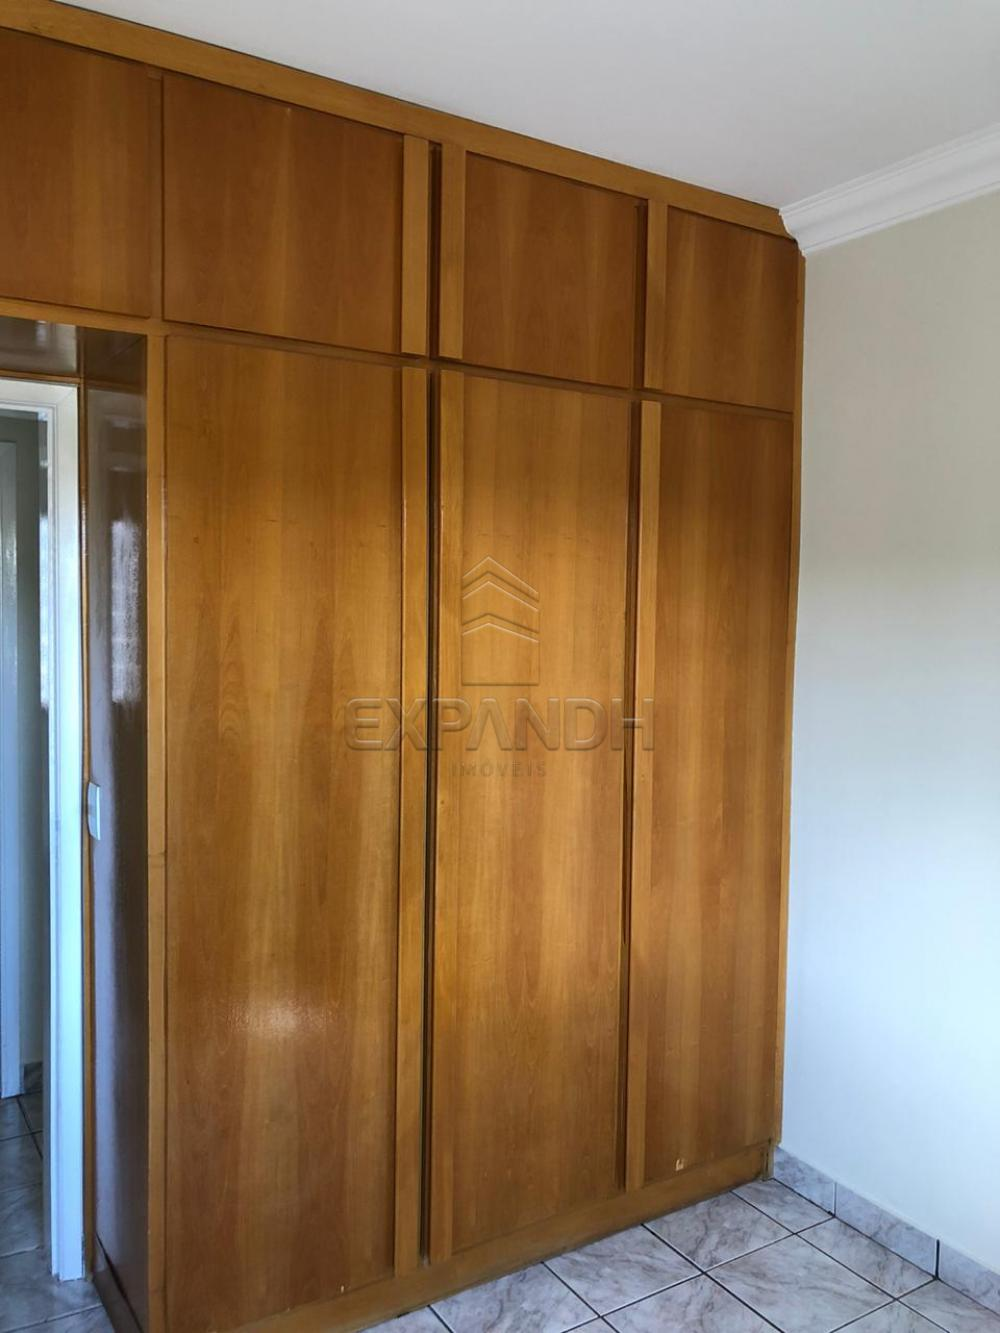 Alugar Apartamentos / Padrão em Sertãozinho R$ 1.728,00 - Foto 22